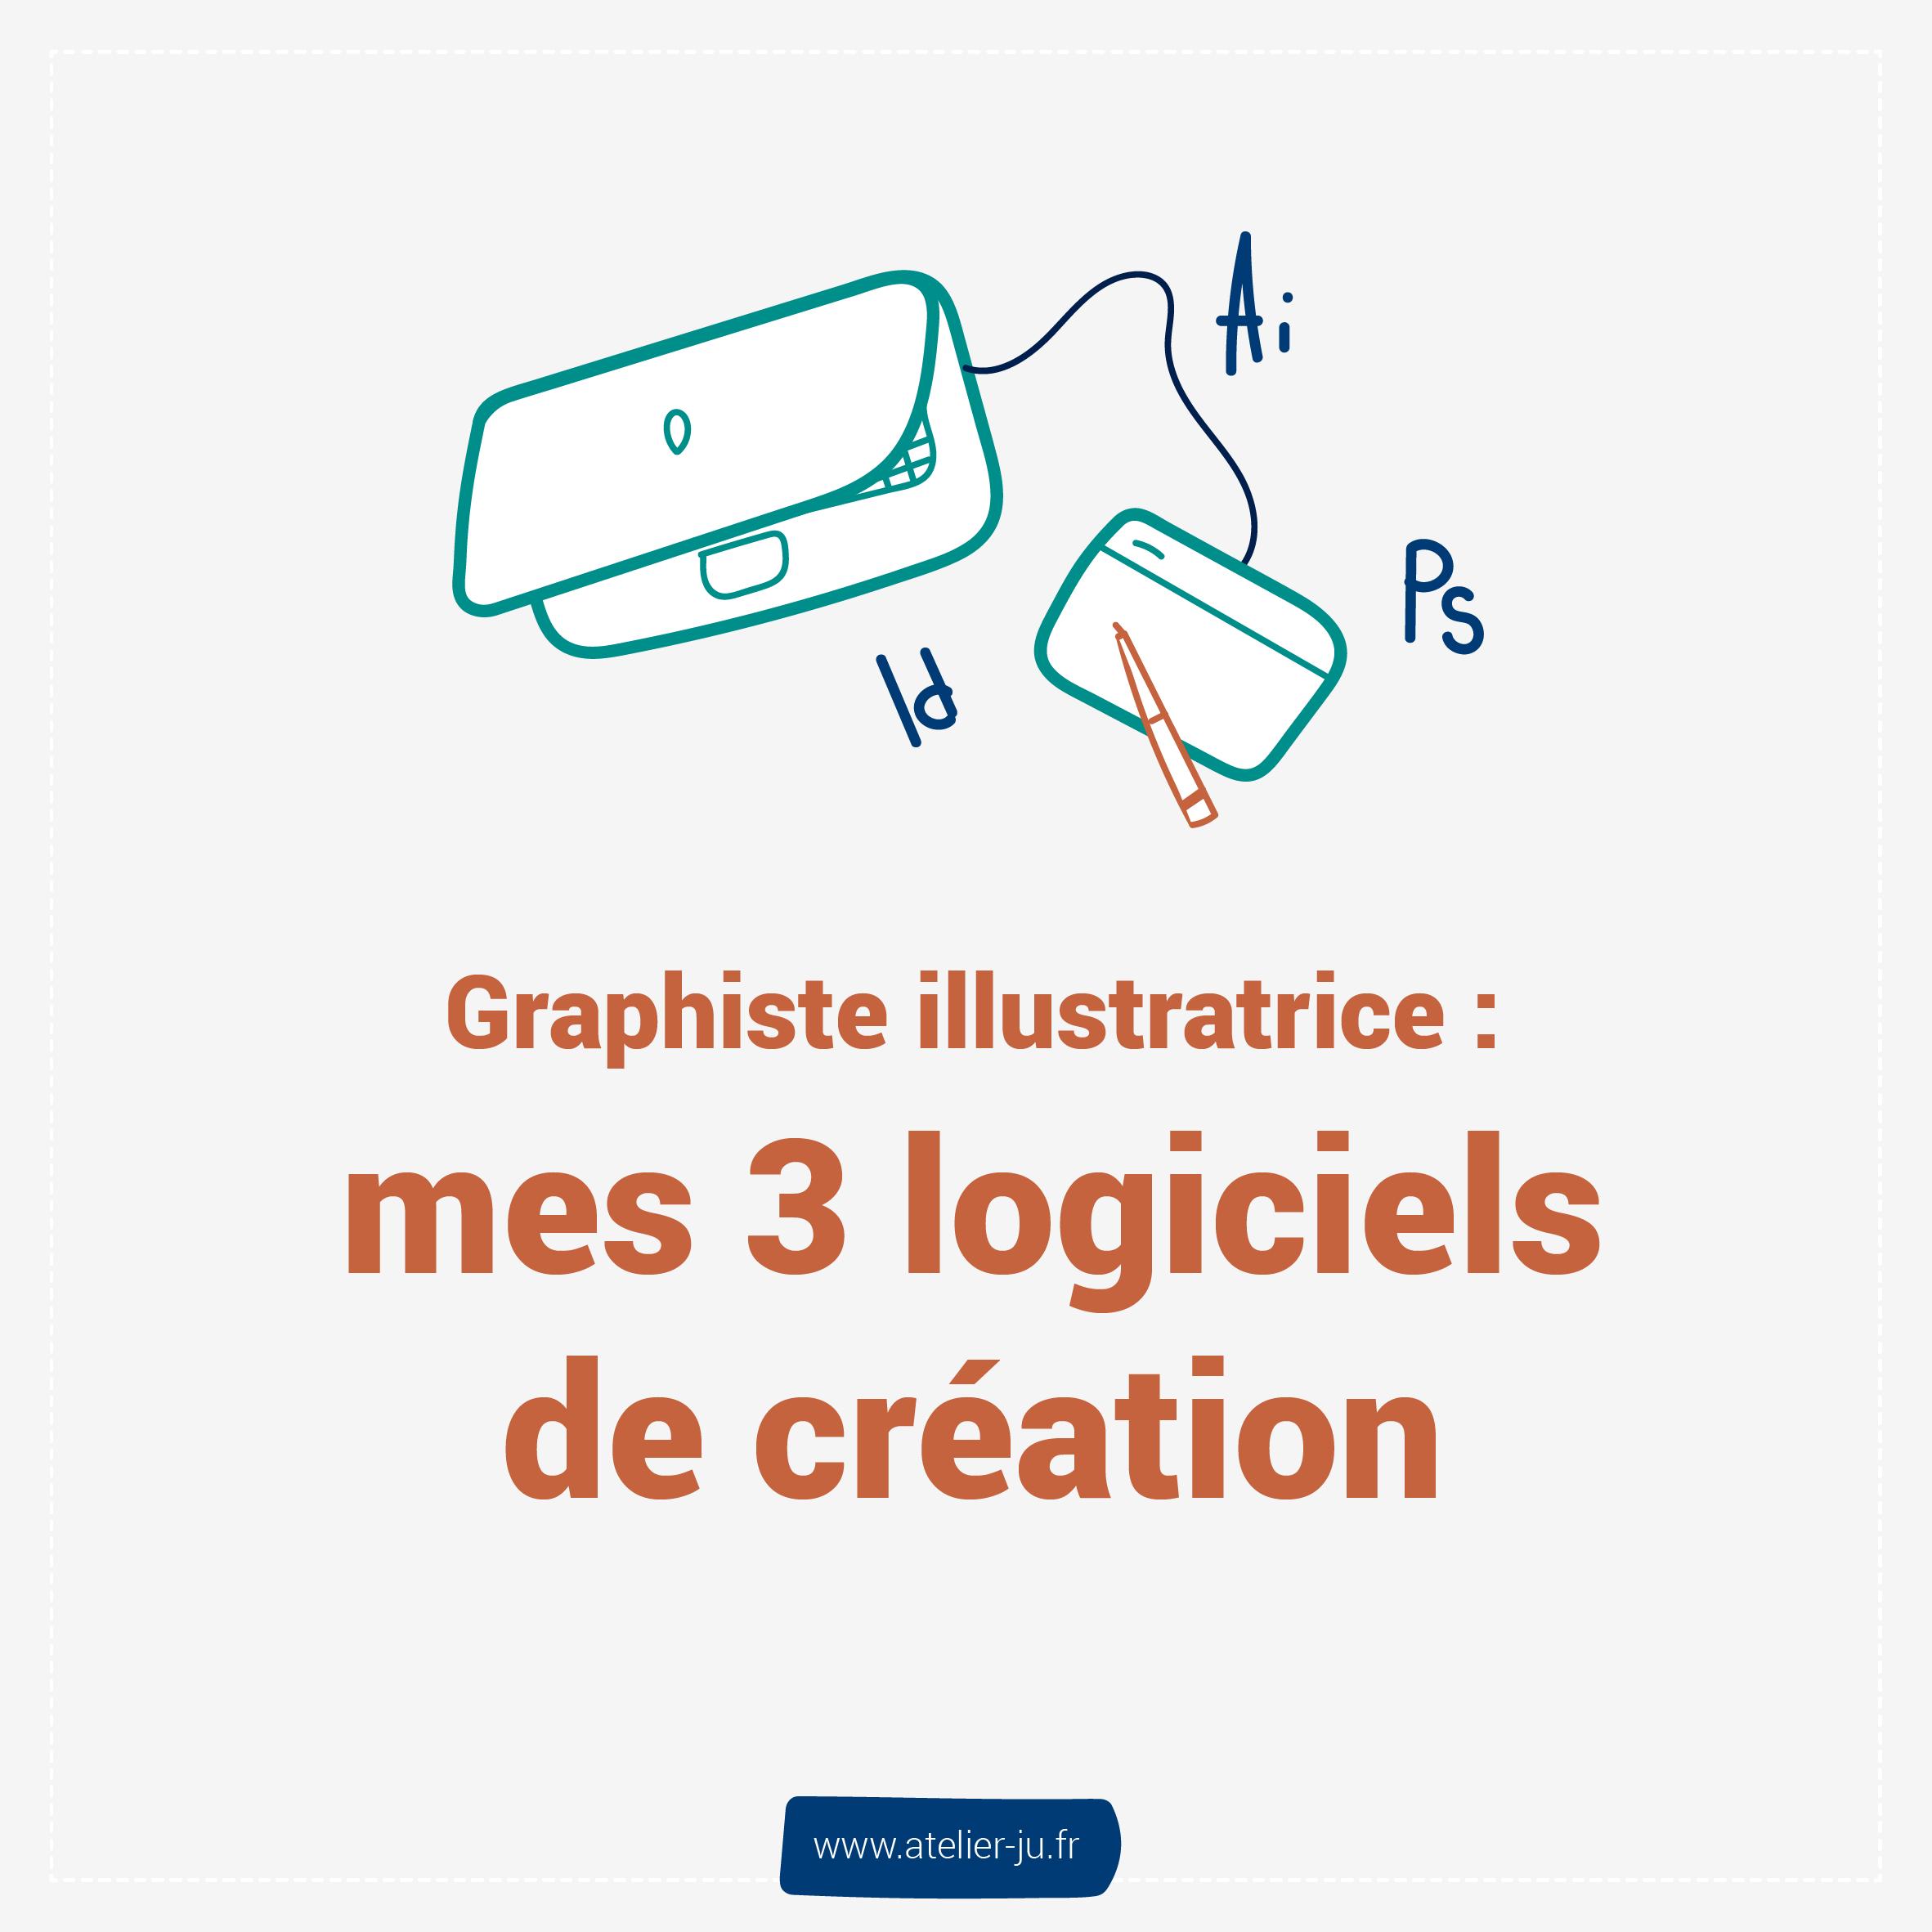 graphiste illustratrice, mes 3 logiciels de création